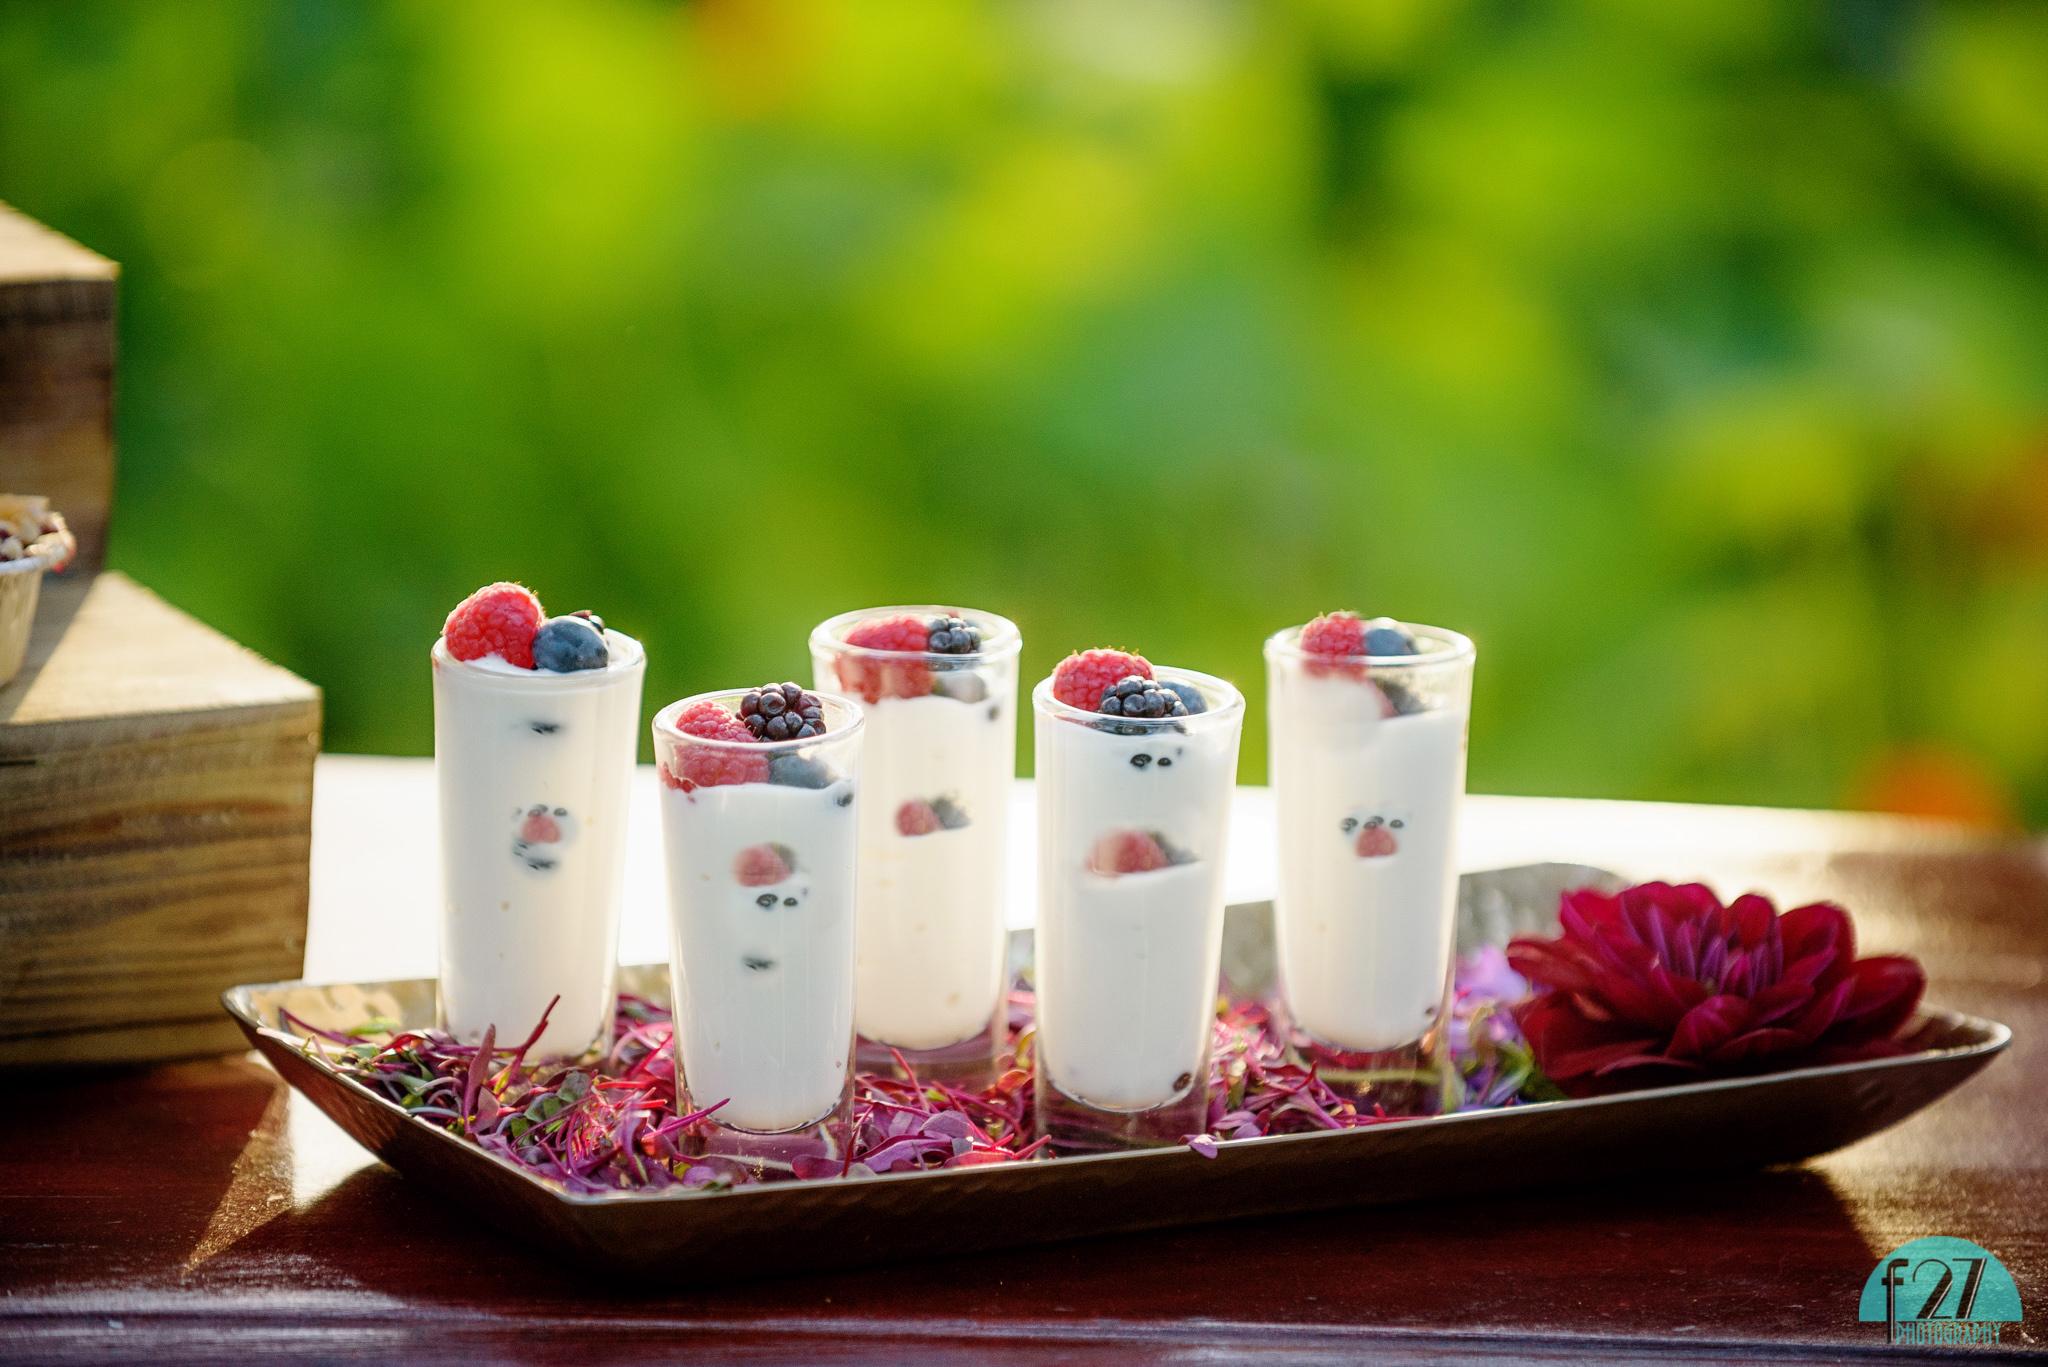 Yogurt & Granola Parfait